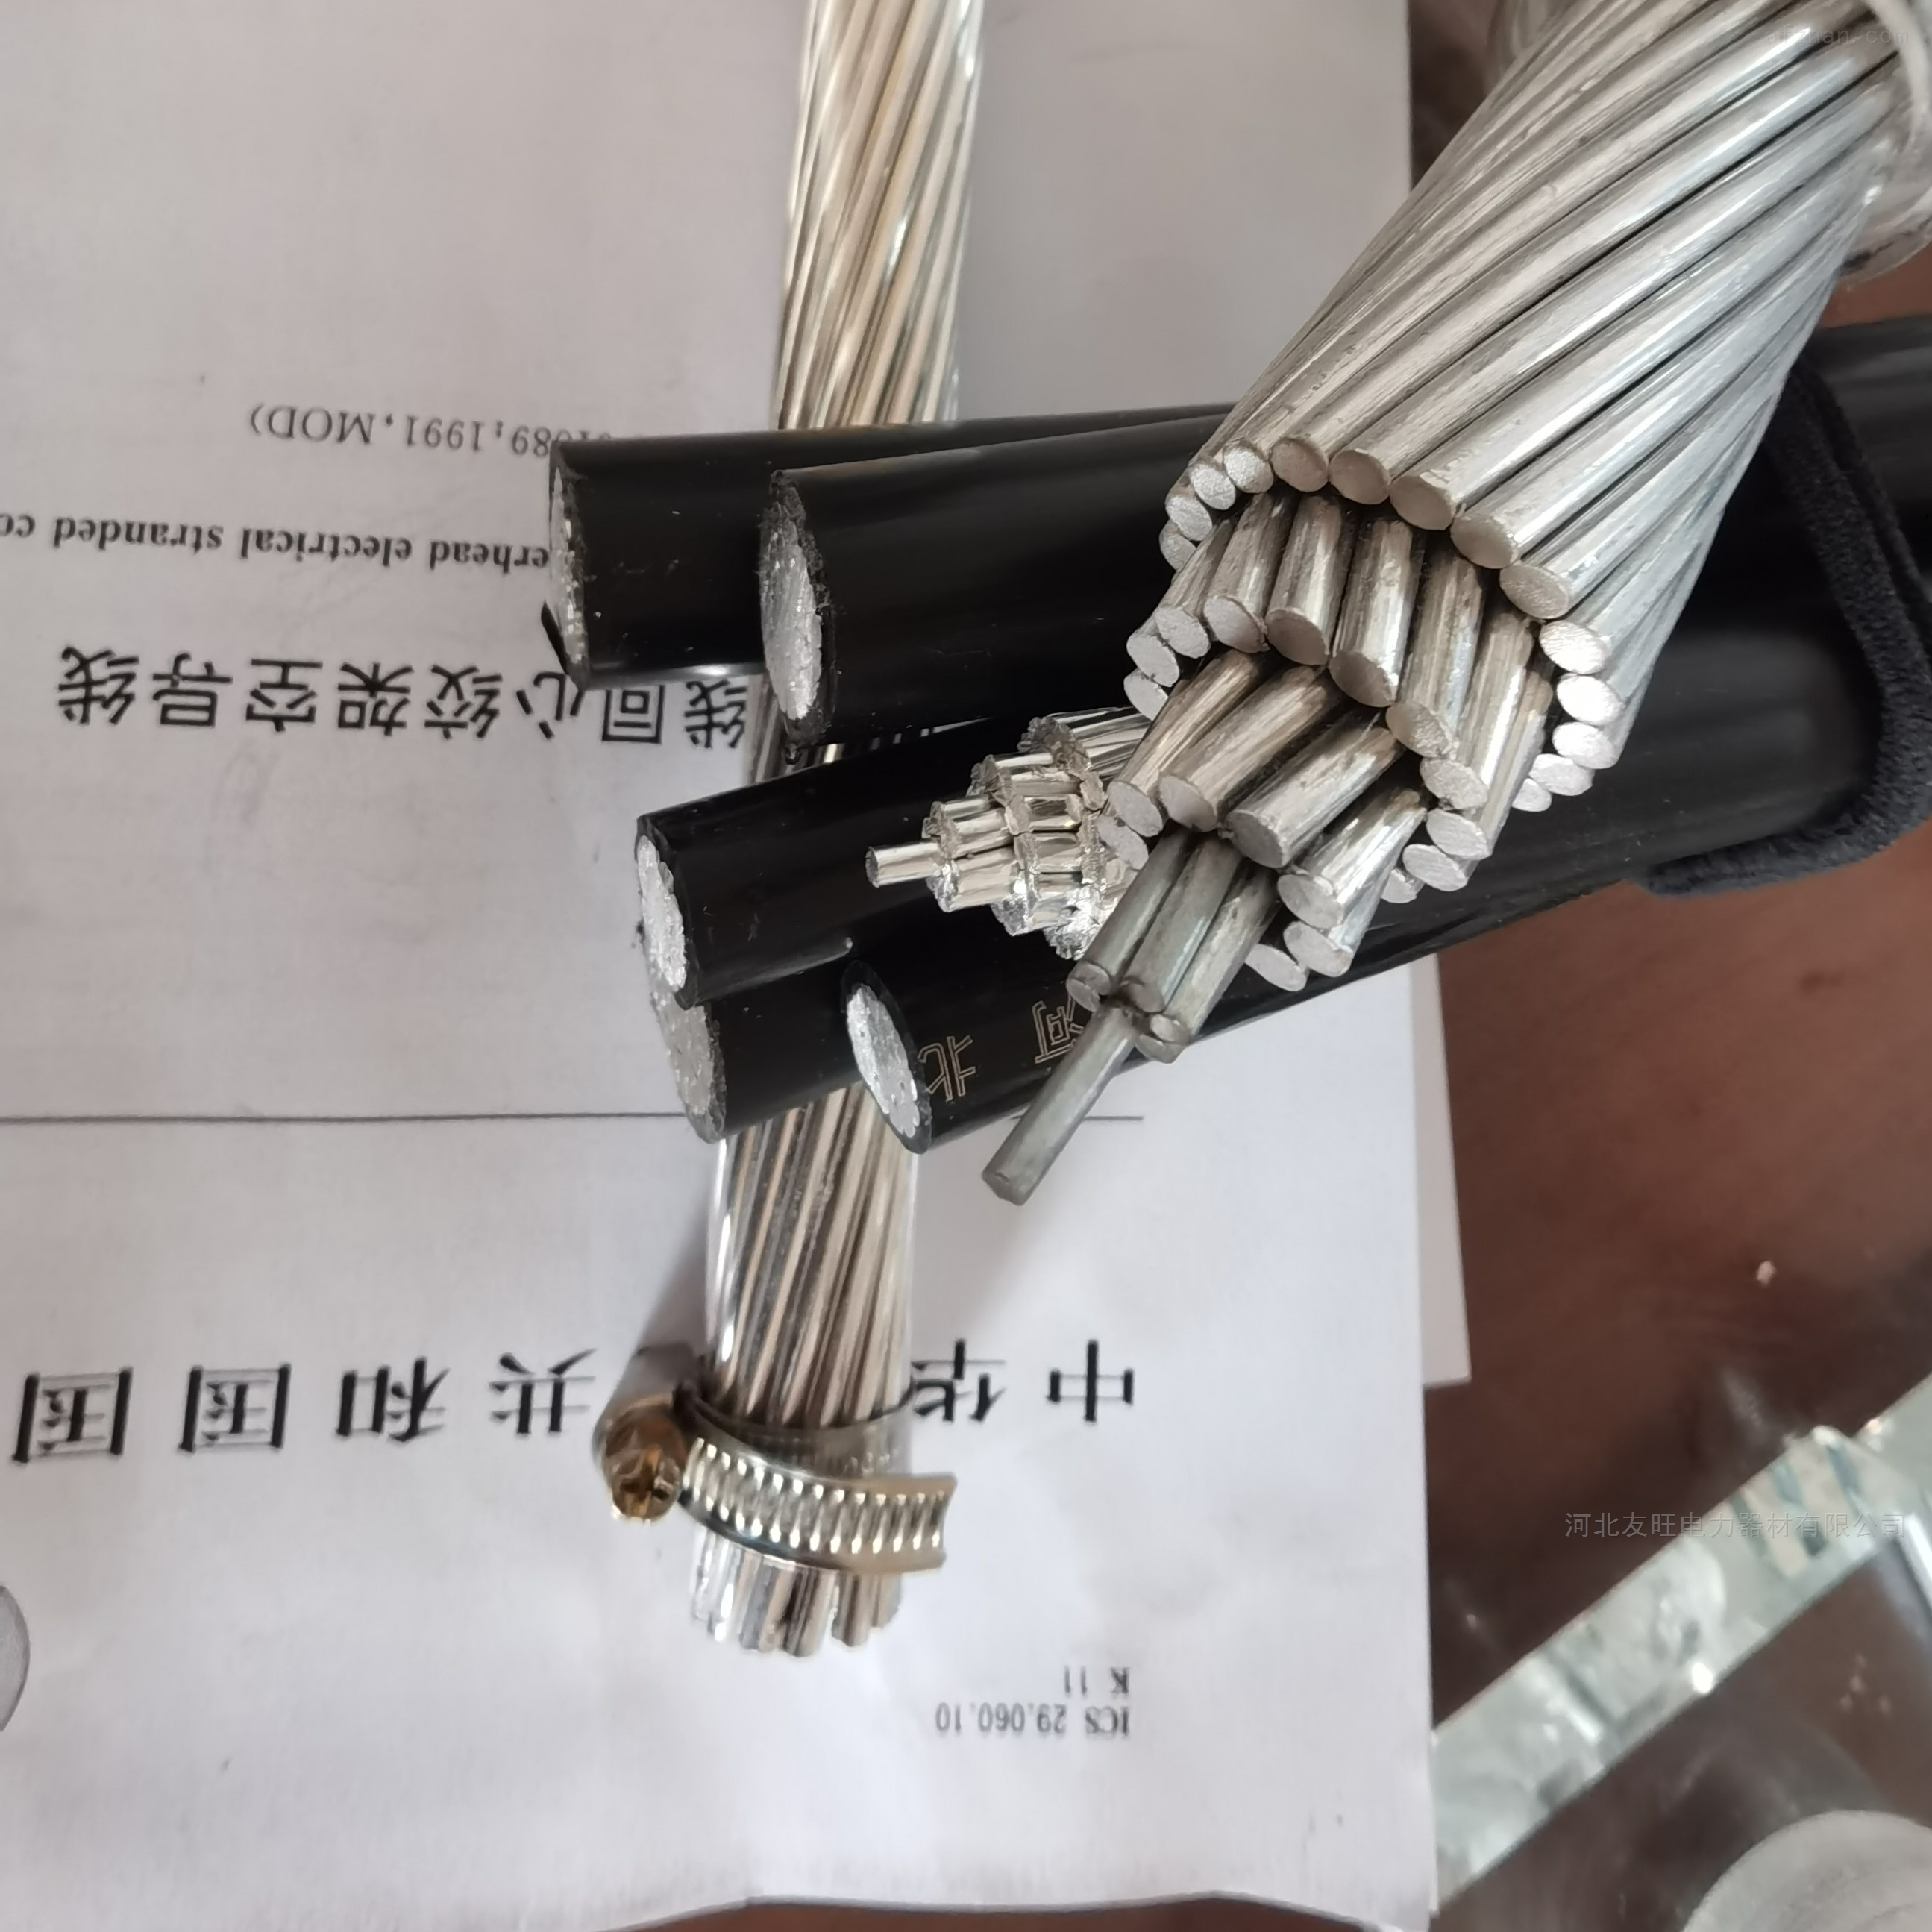 240/30国标导线厂家耐热钢芯铝绞线